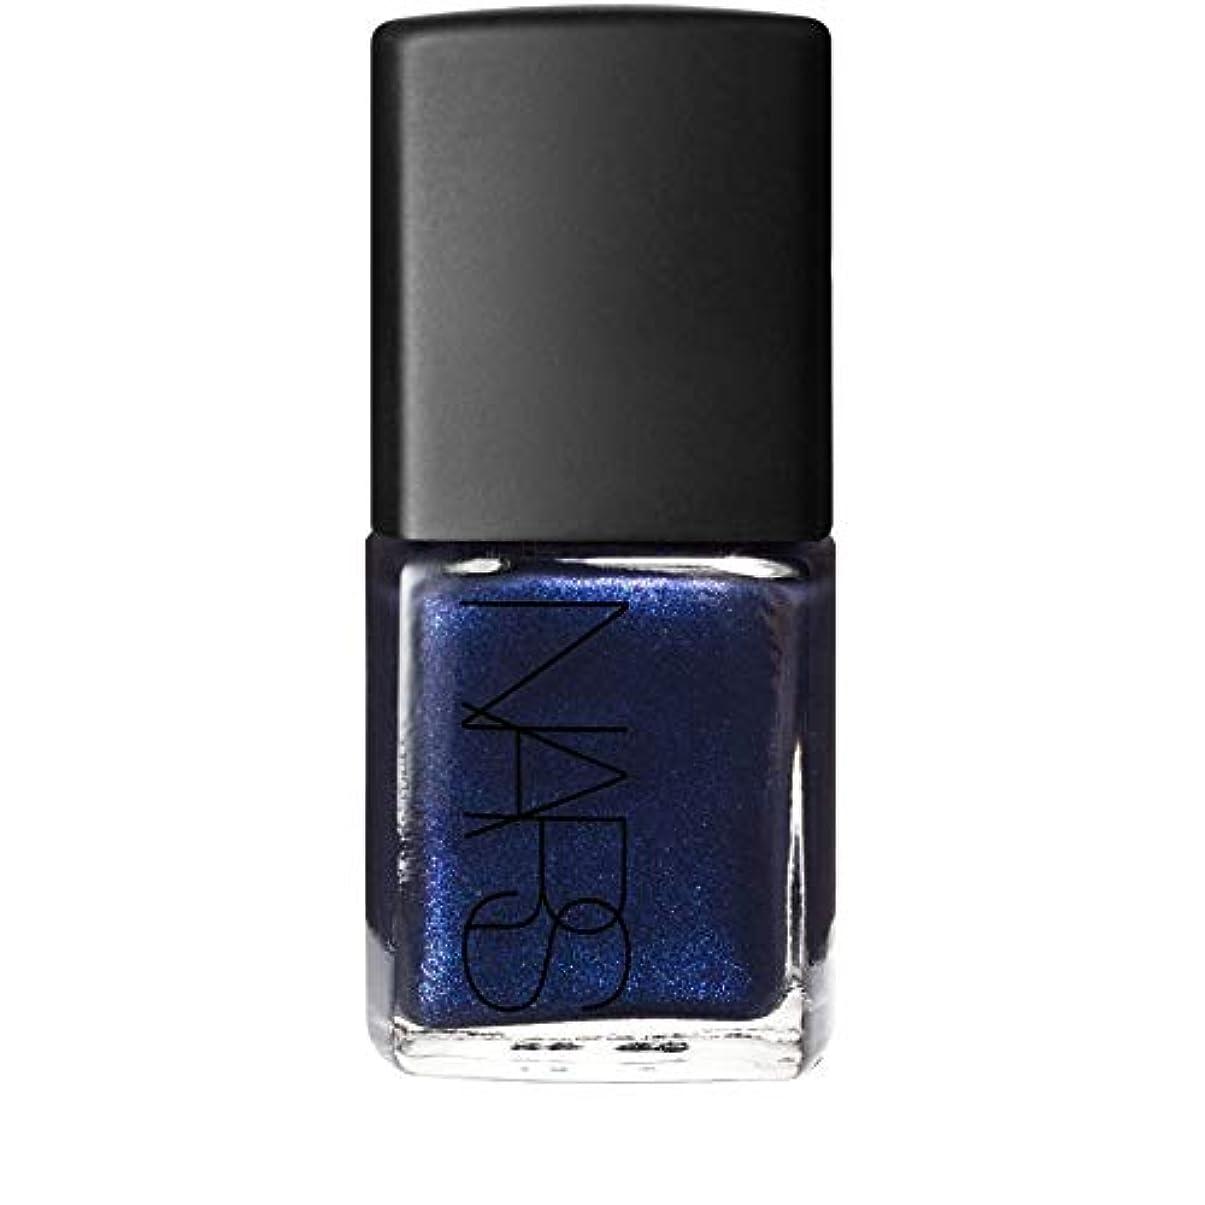 動機付ける通り拒絶する[Nars] 青色の夜間飛行の真珠でのNarマニキュアを - Nars Nail Polish in Night Flight Pearl Blue [並行輸入品]